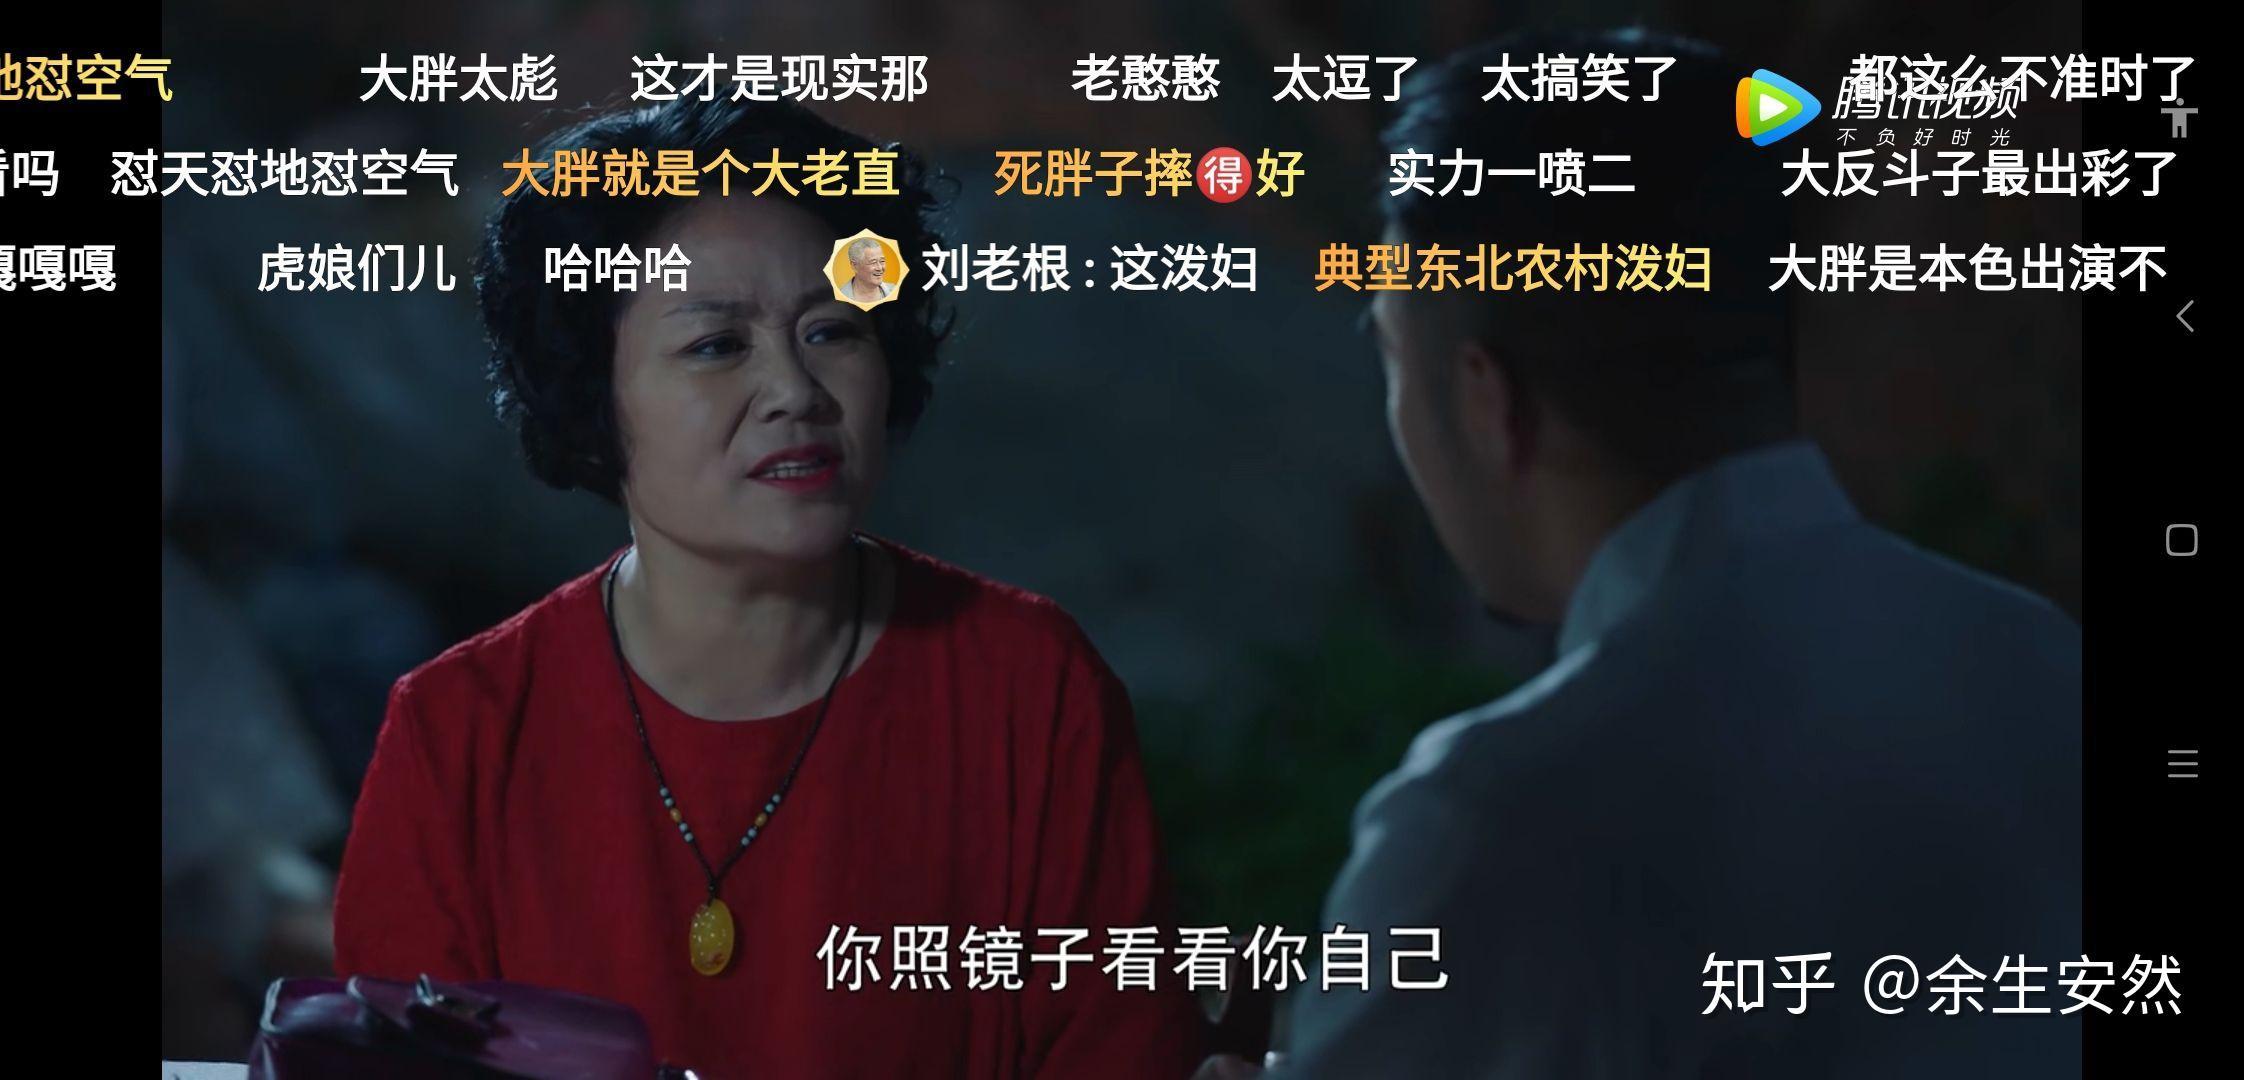 刘老根第三部免费观看 刘老根第三部手机免费